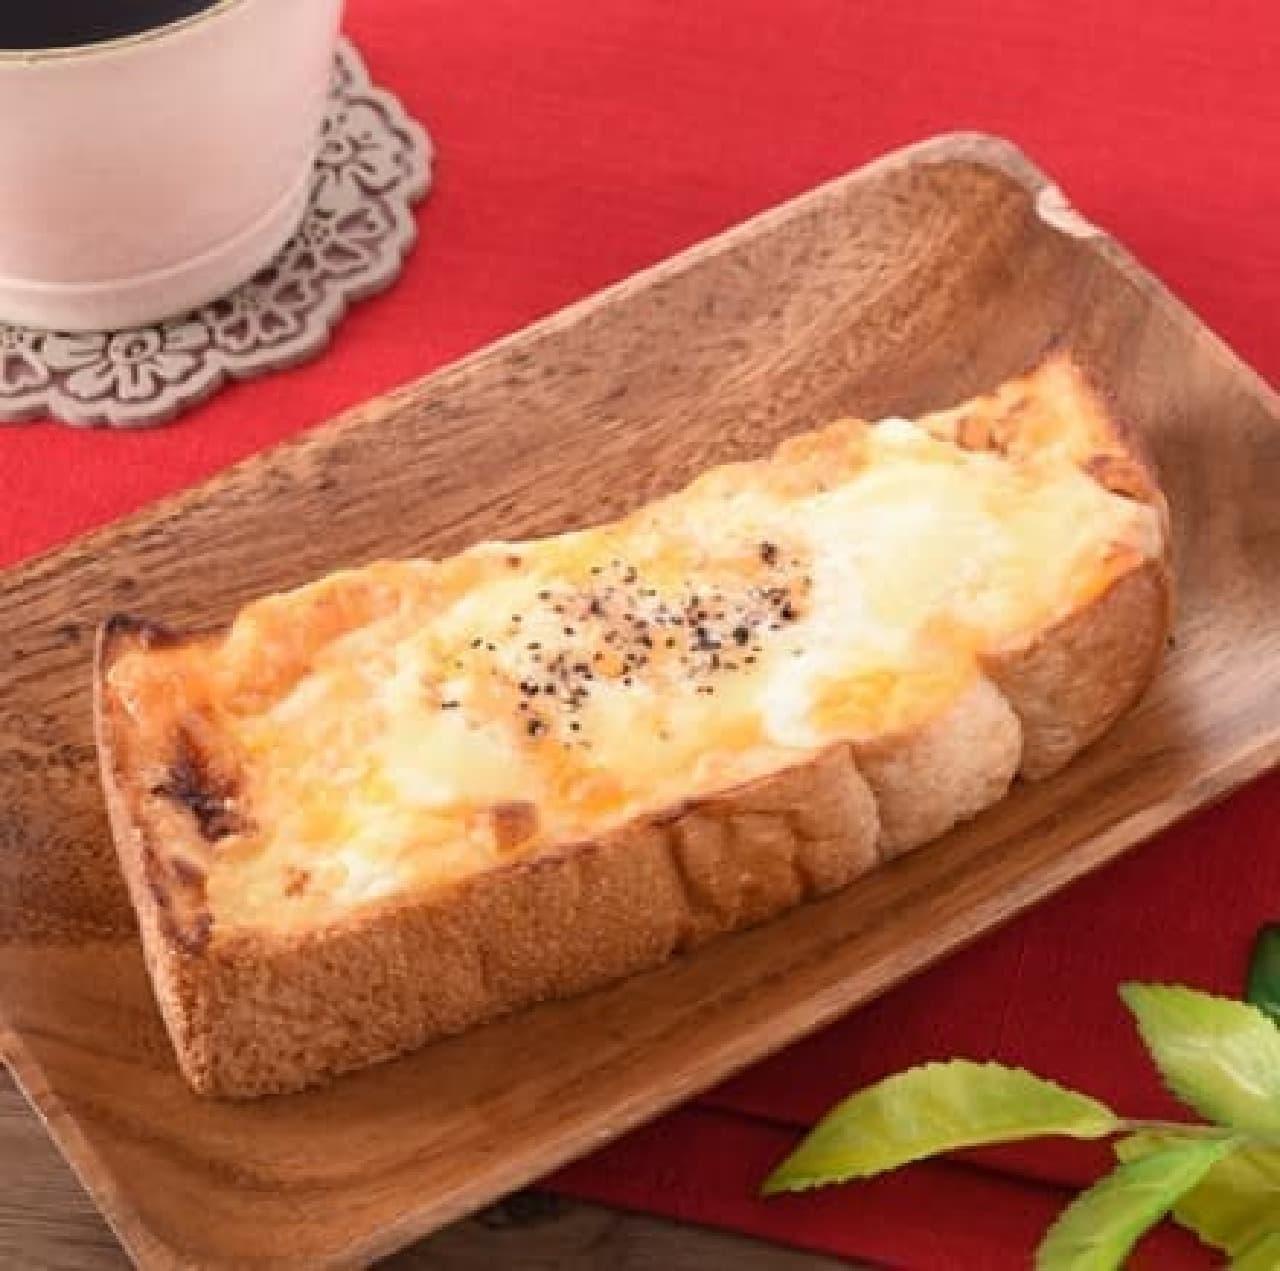 ファミリーマート「はちみつ&チーズトースト」